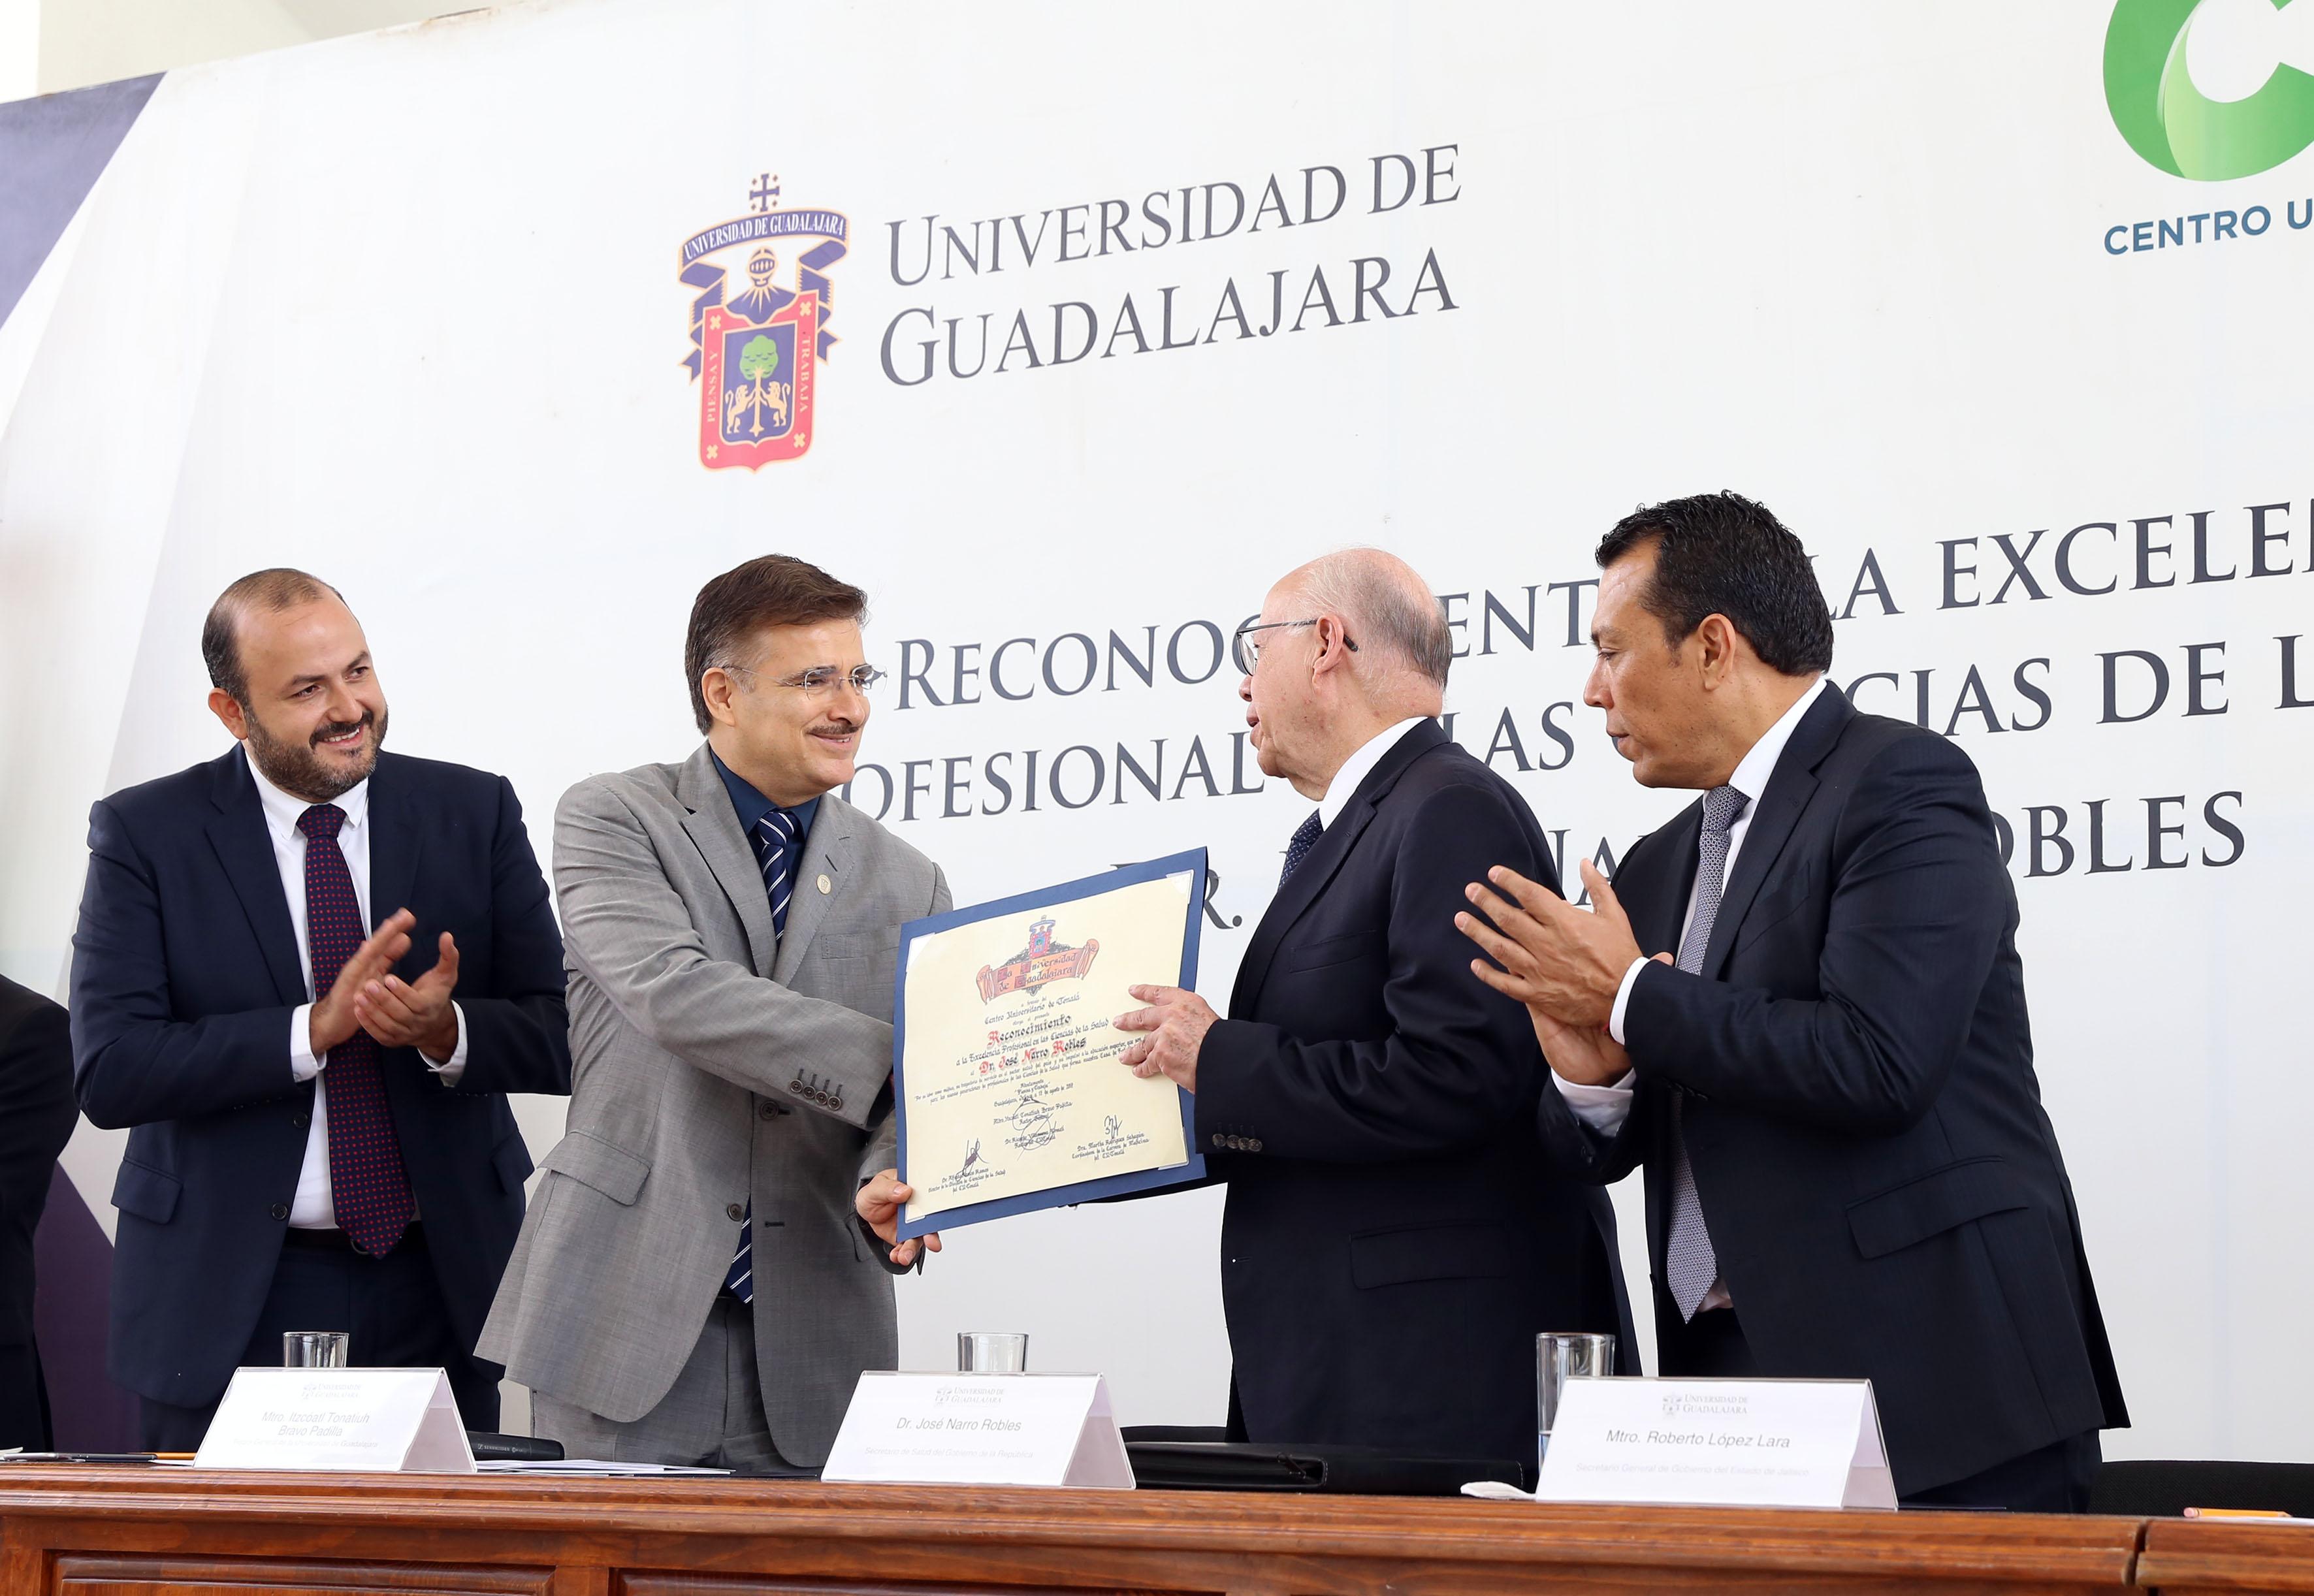 José Narro Robles, Secretario de Salud federal, recibiendo  el Reconocimiento a la Excelencia Profesional en las Ciencias de la Salud, de manos del Rector General de la Universidad de Guadalajara (UdeG), maestro Itzcóatl Tonatiuh Bravo Padilla.